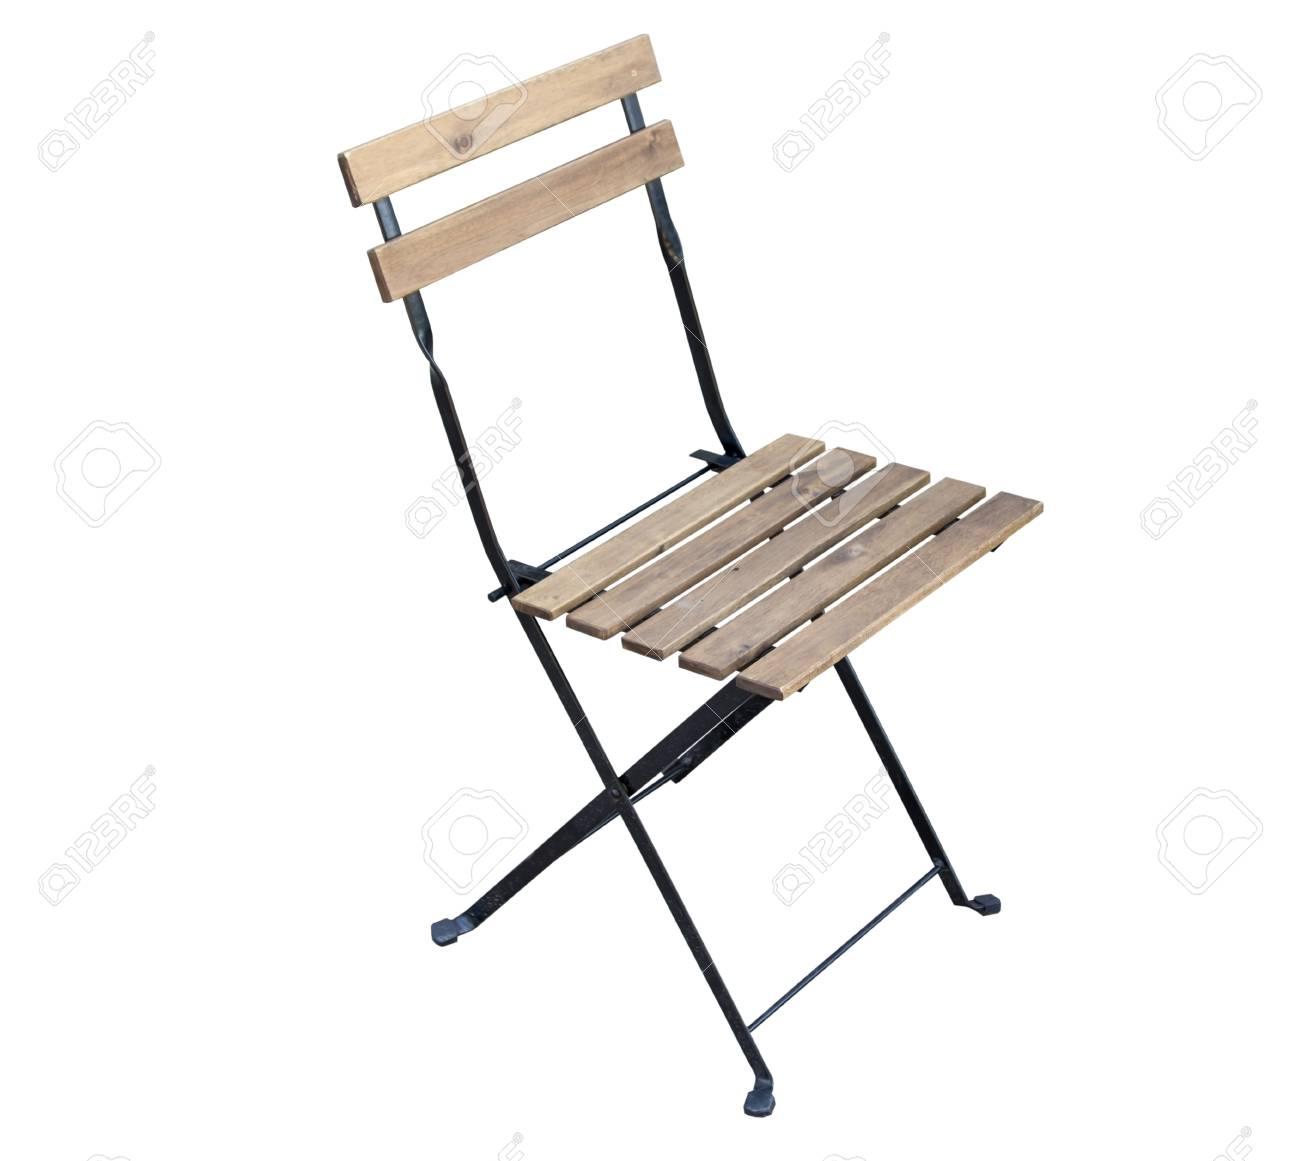 Entzückend Metall Stuhl Galerie Von Holz Und Isoliert Auf Weißem Hintergrund Standard-bild